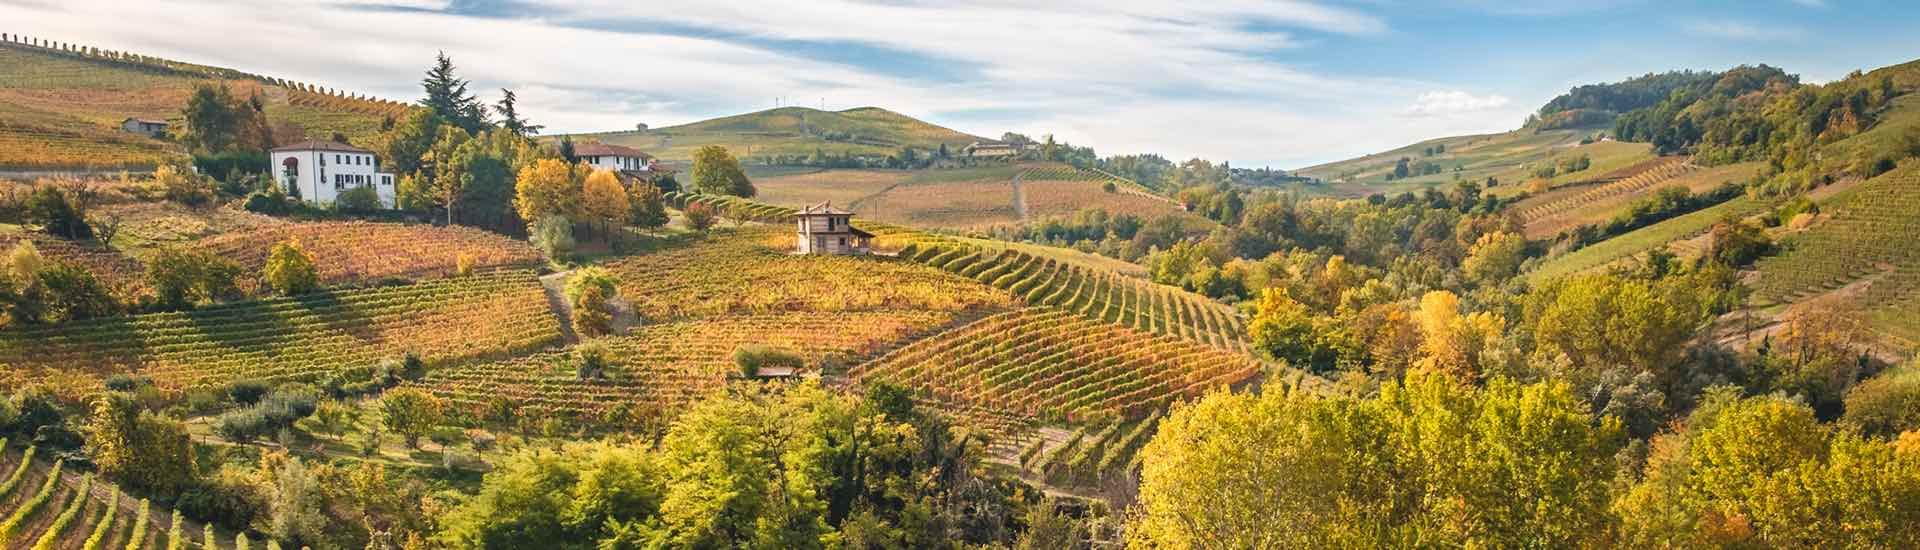 Weine - Piemonts Top-Winzer jetzt bis -20%! 10/2017 - Slider